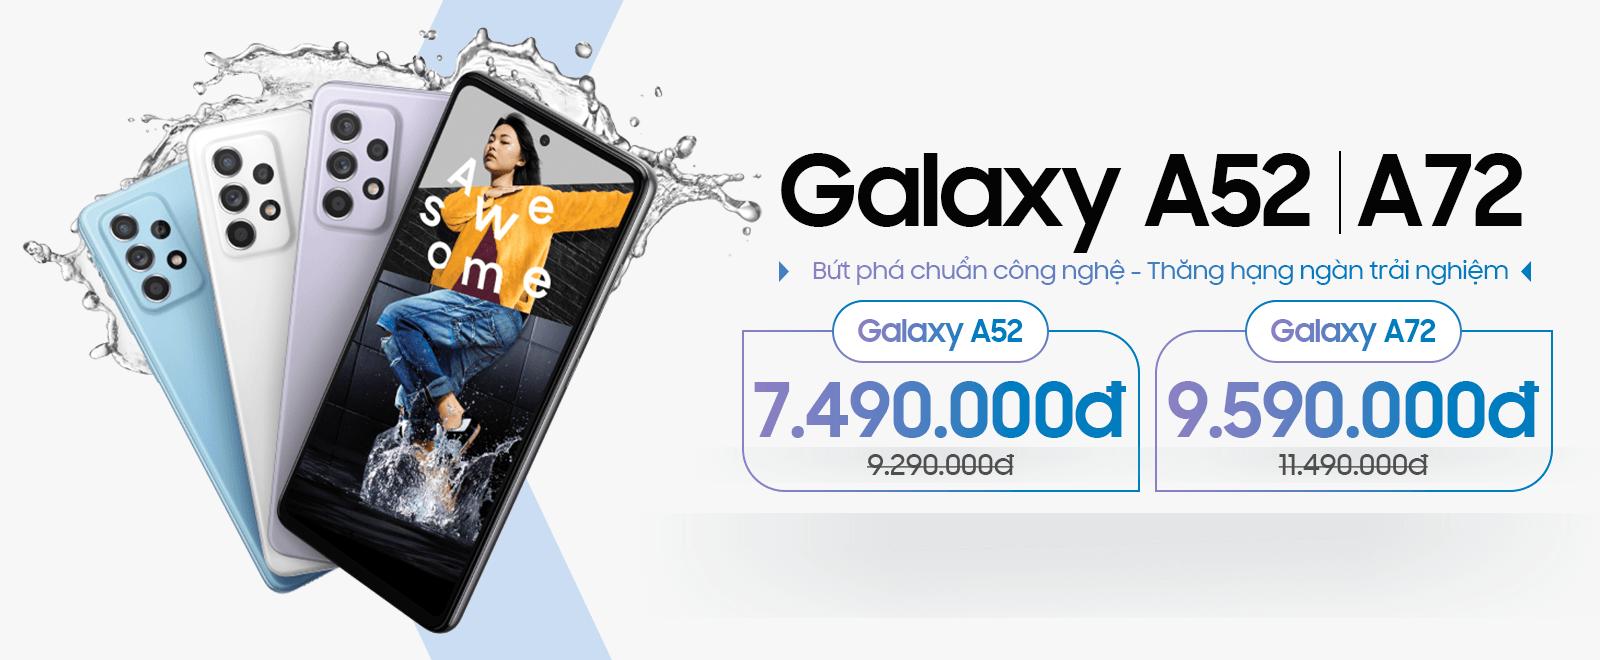 Galaxy A52 | A72 Chỉ từ 7,59 triệu